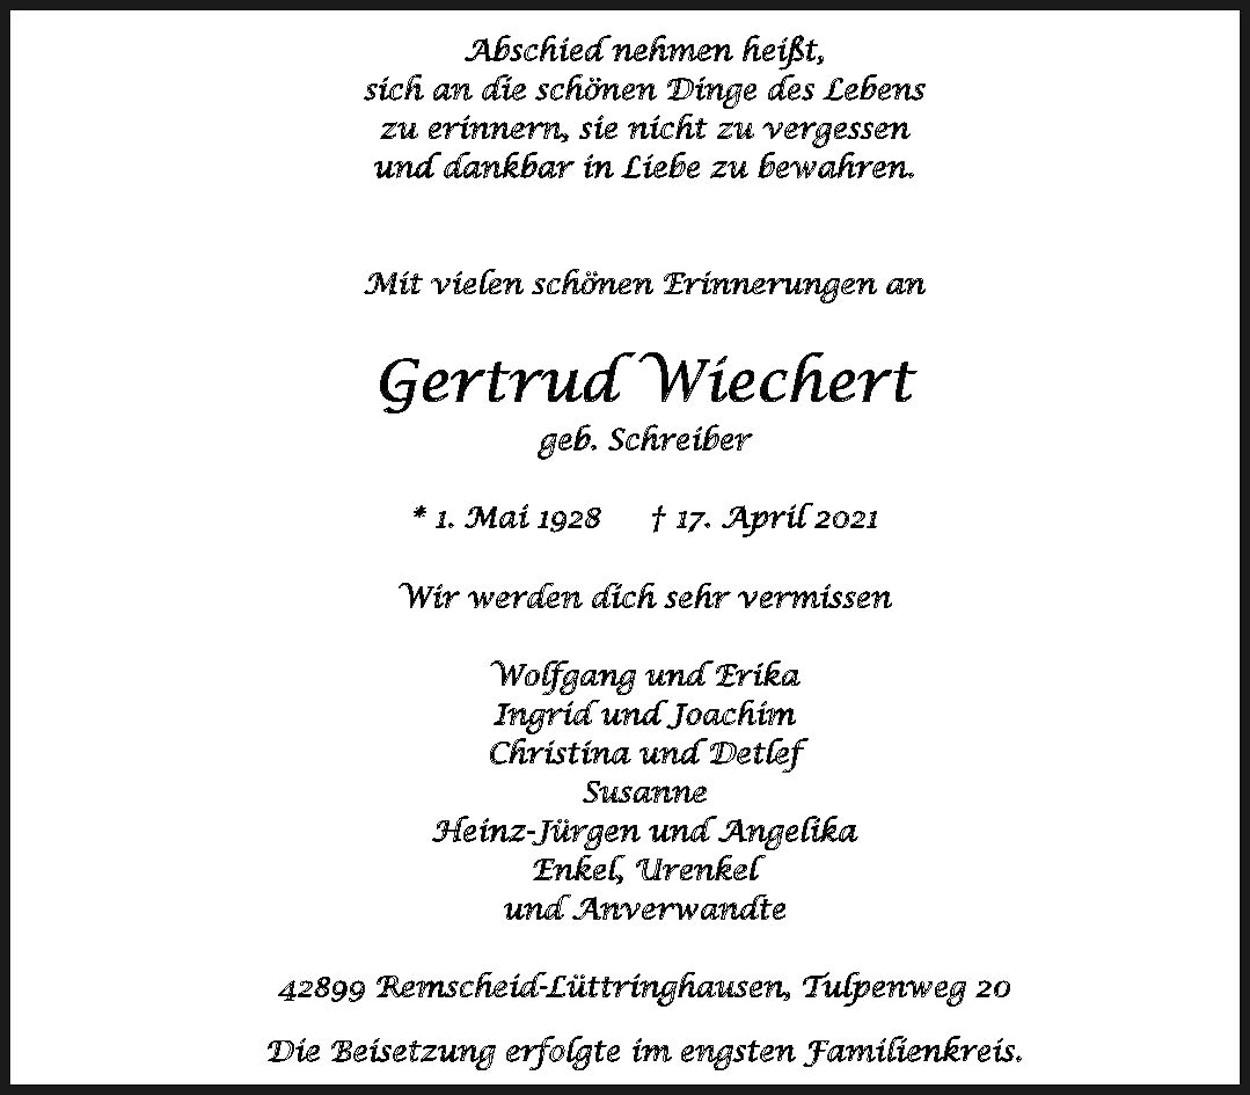 Gertrud Wiechert